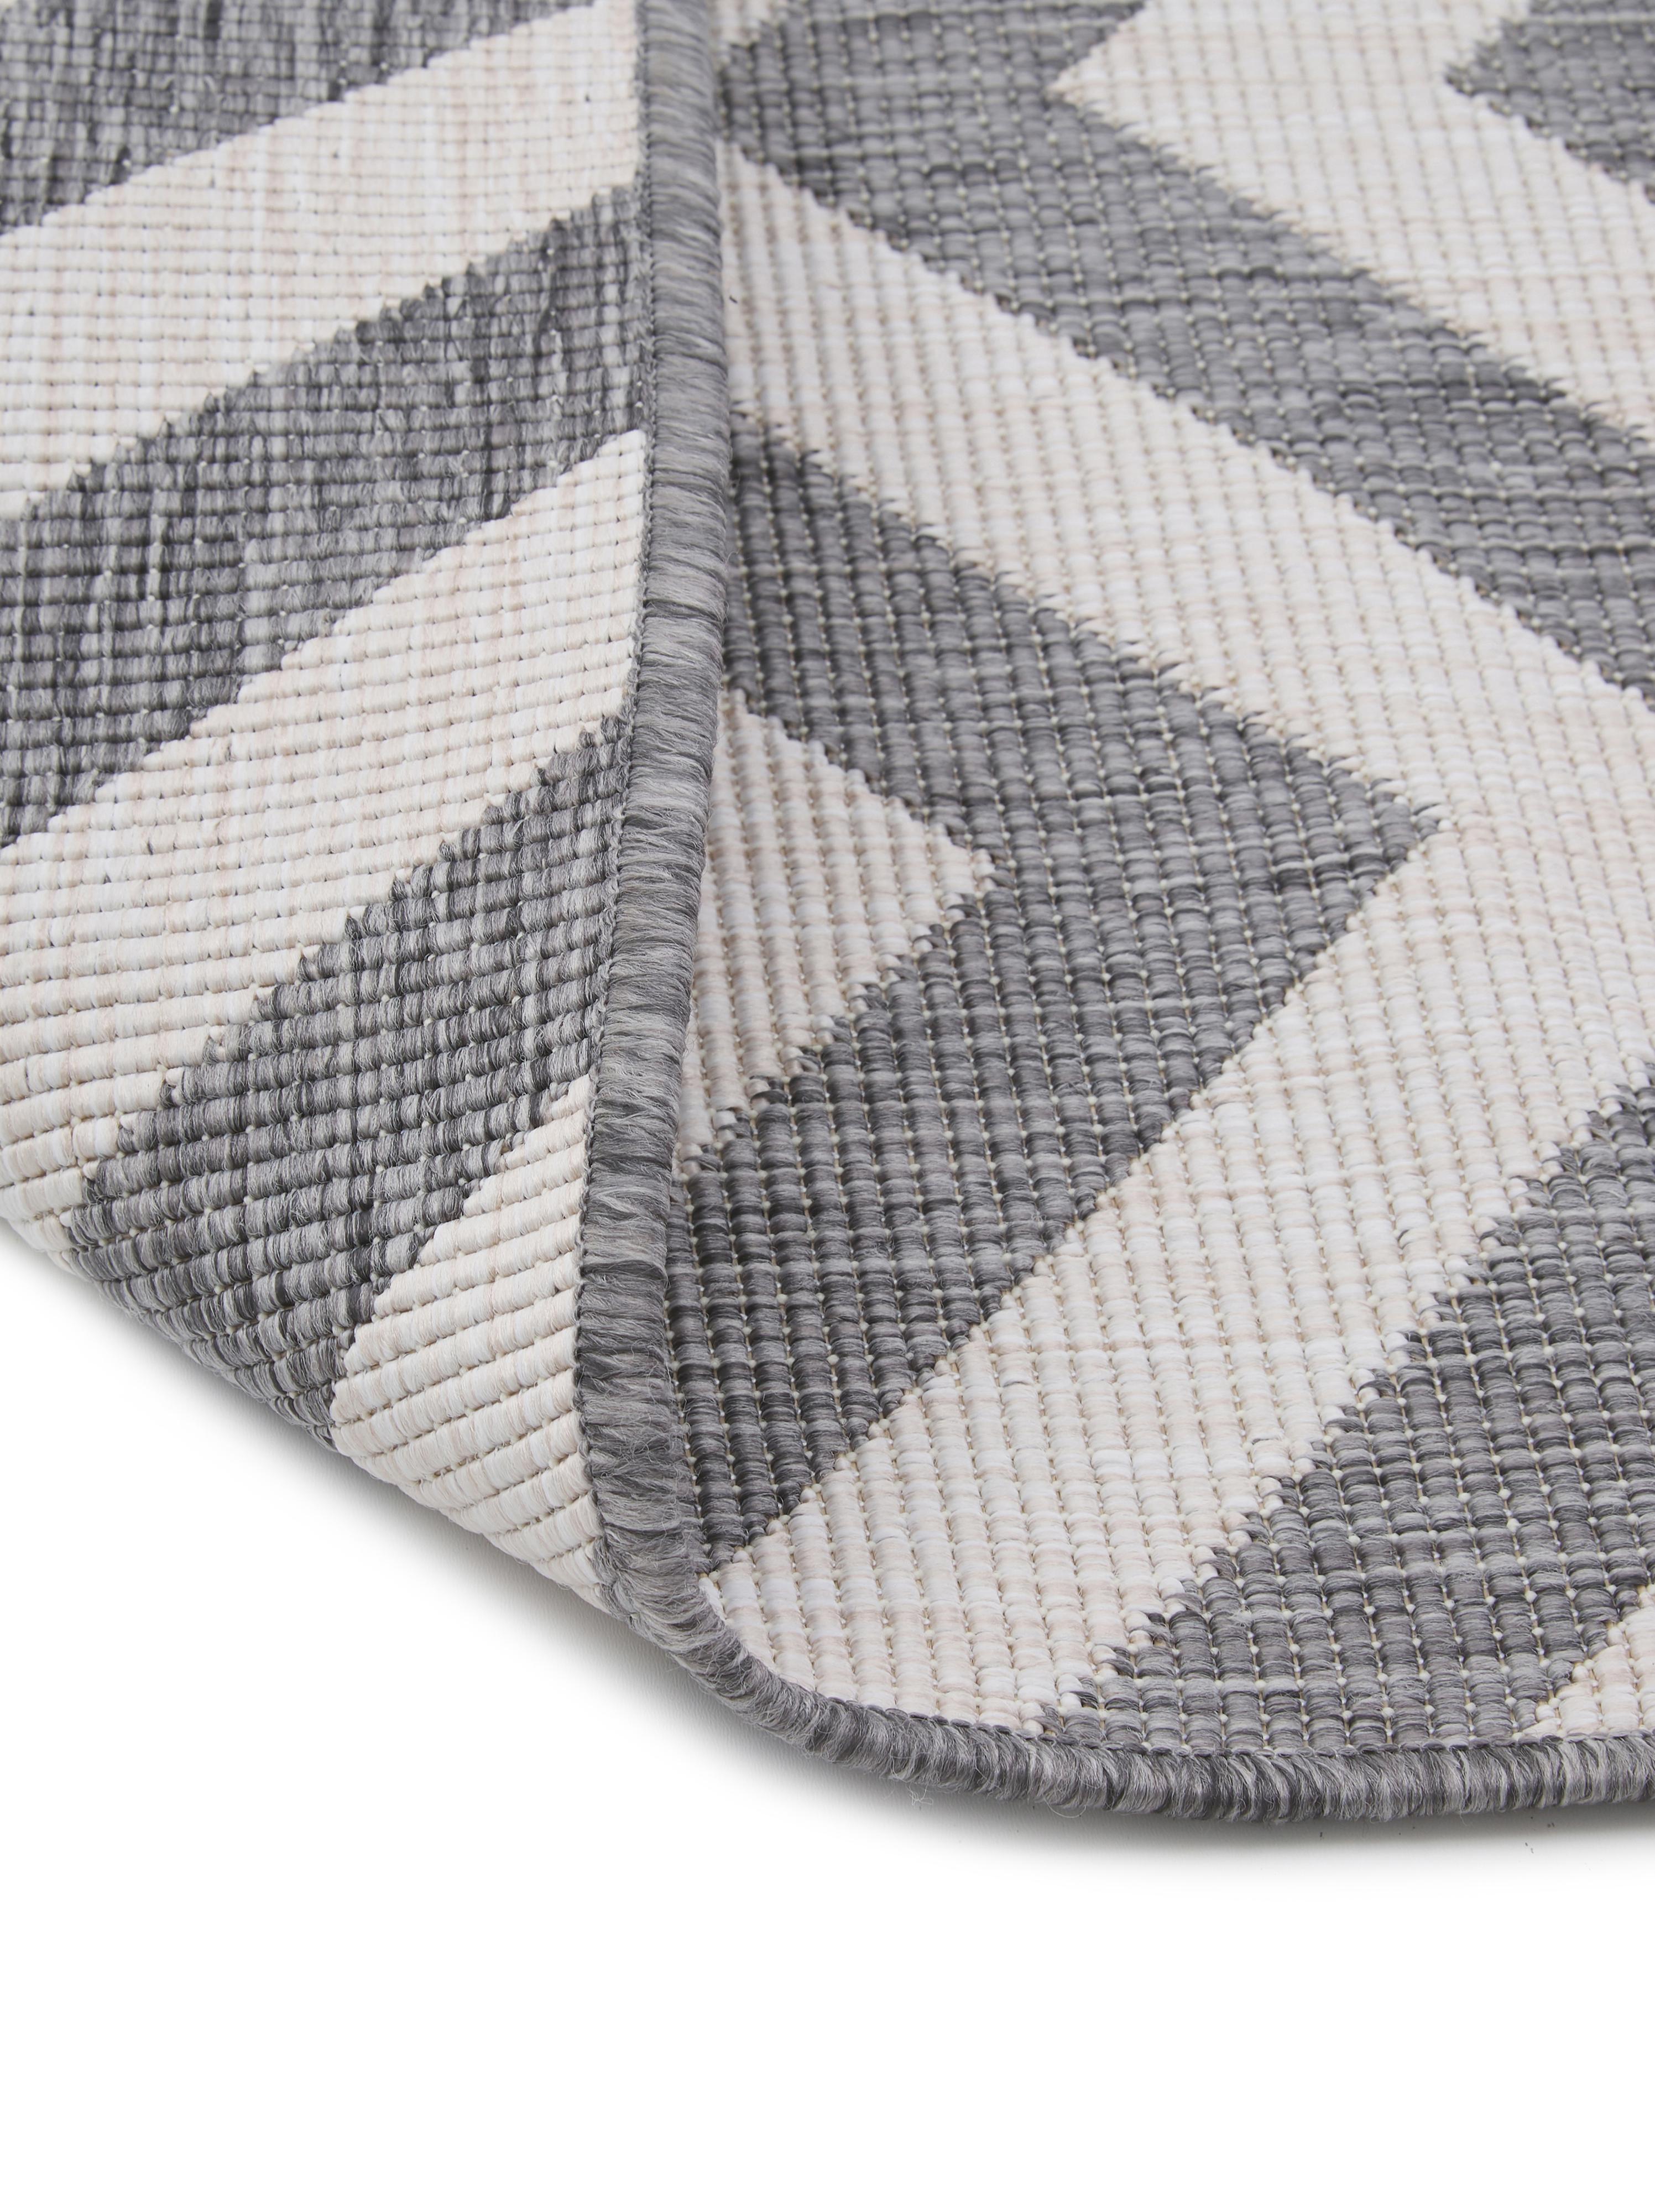 Tappeto reversibile da interno-esterno Palma, Grigio, crema, Larg. 200 x Lung. 290 cm (taglia L)